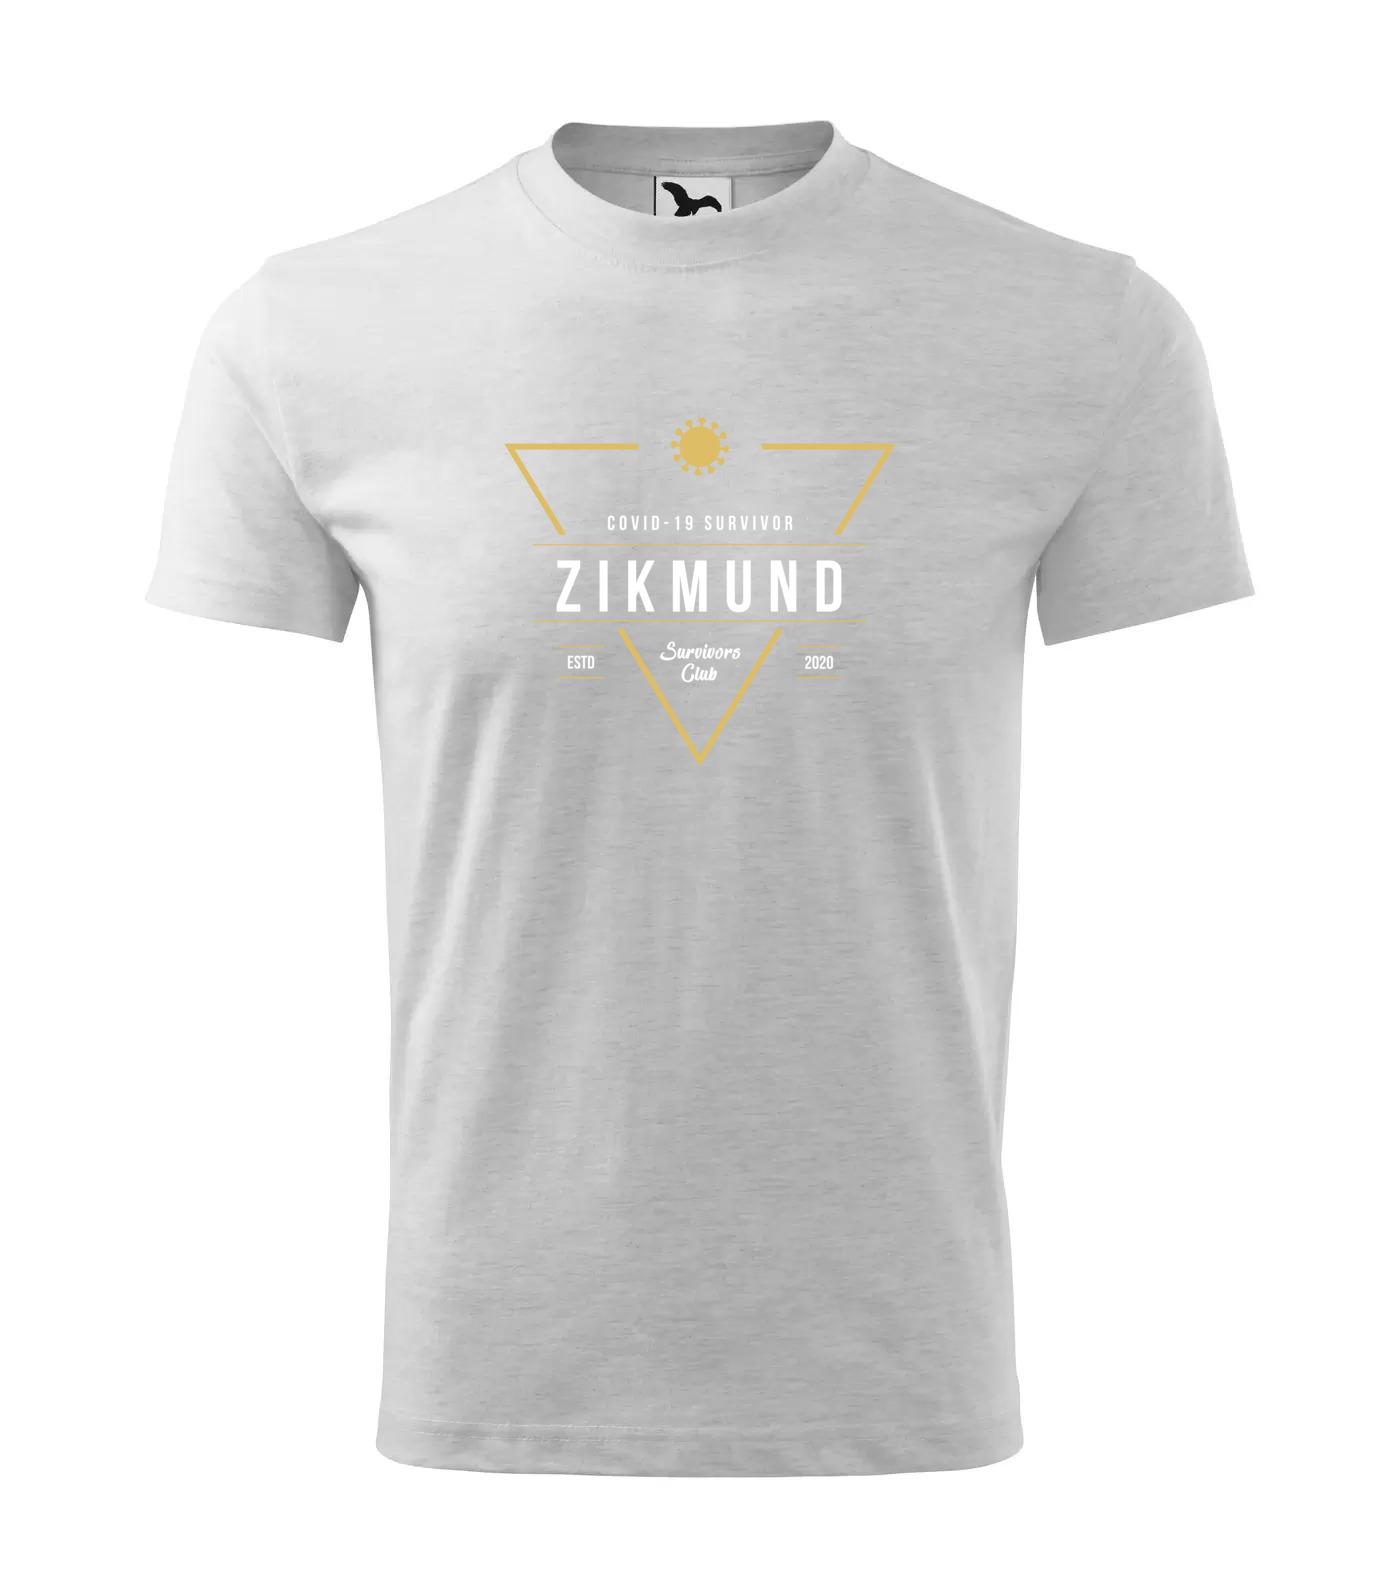 Tričko Survivor Club Zikmund